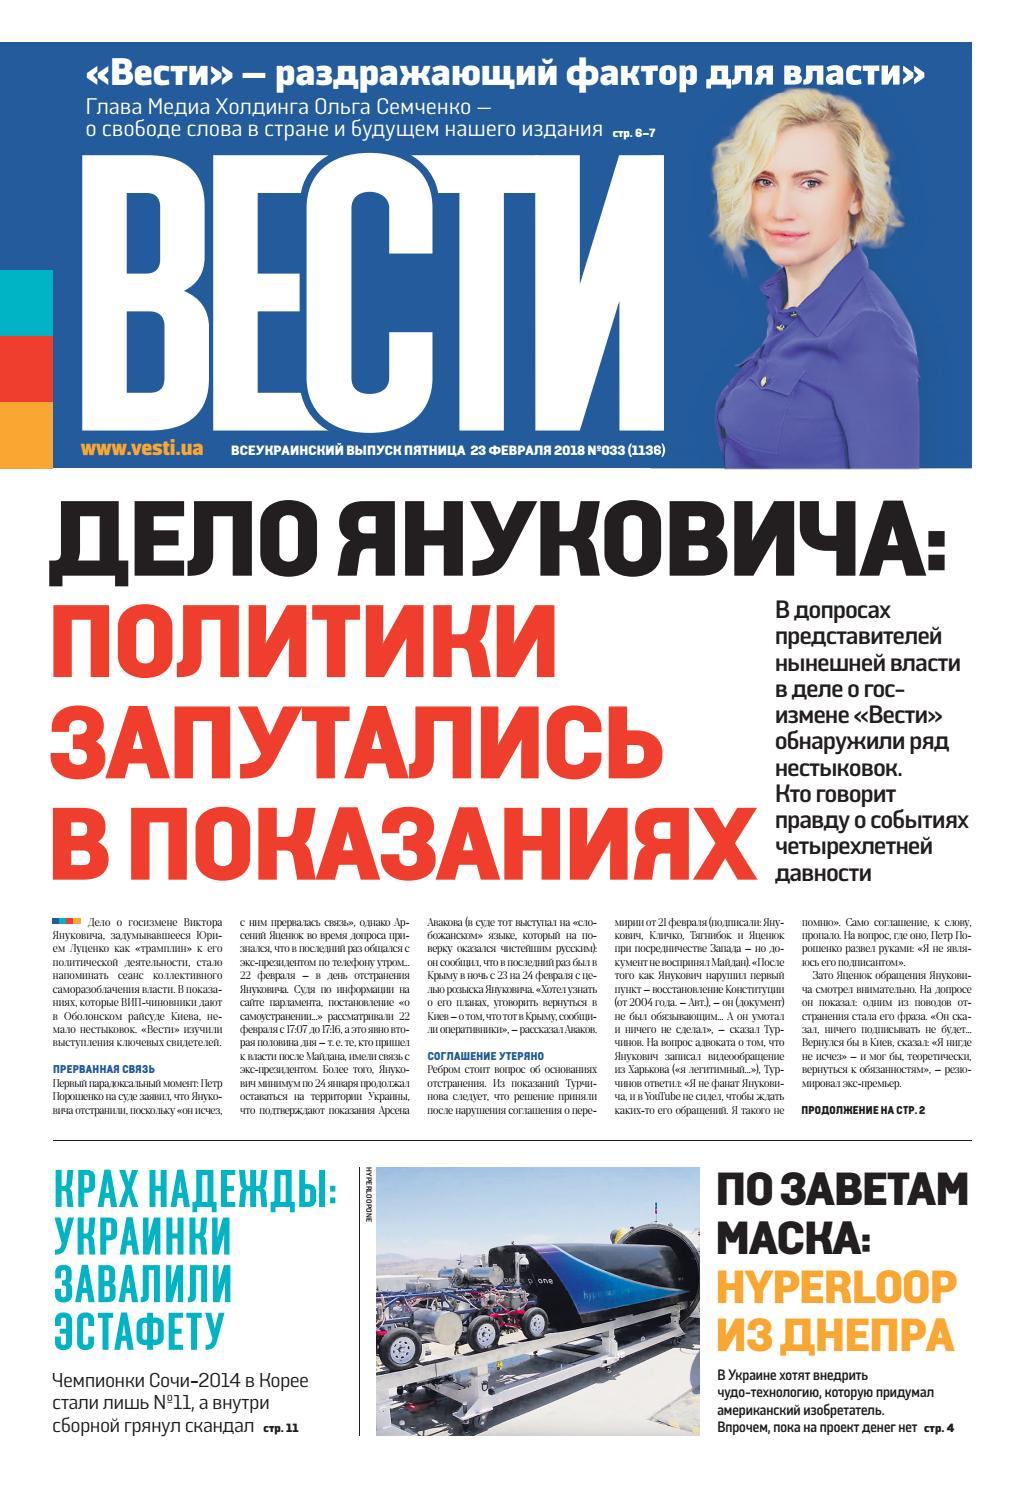 Западные СМИ пугают футбольных болельщиков странными законами России перед ЧМ-2018 рекомендации